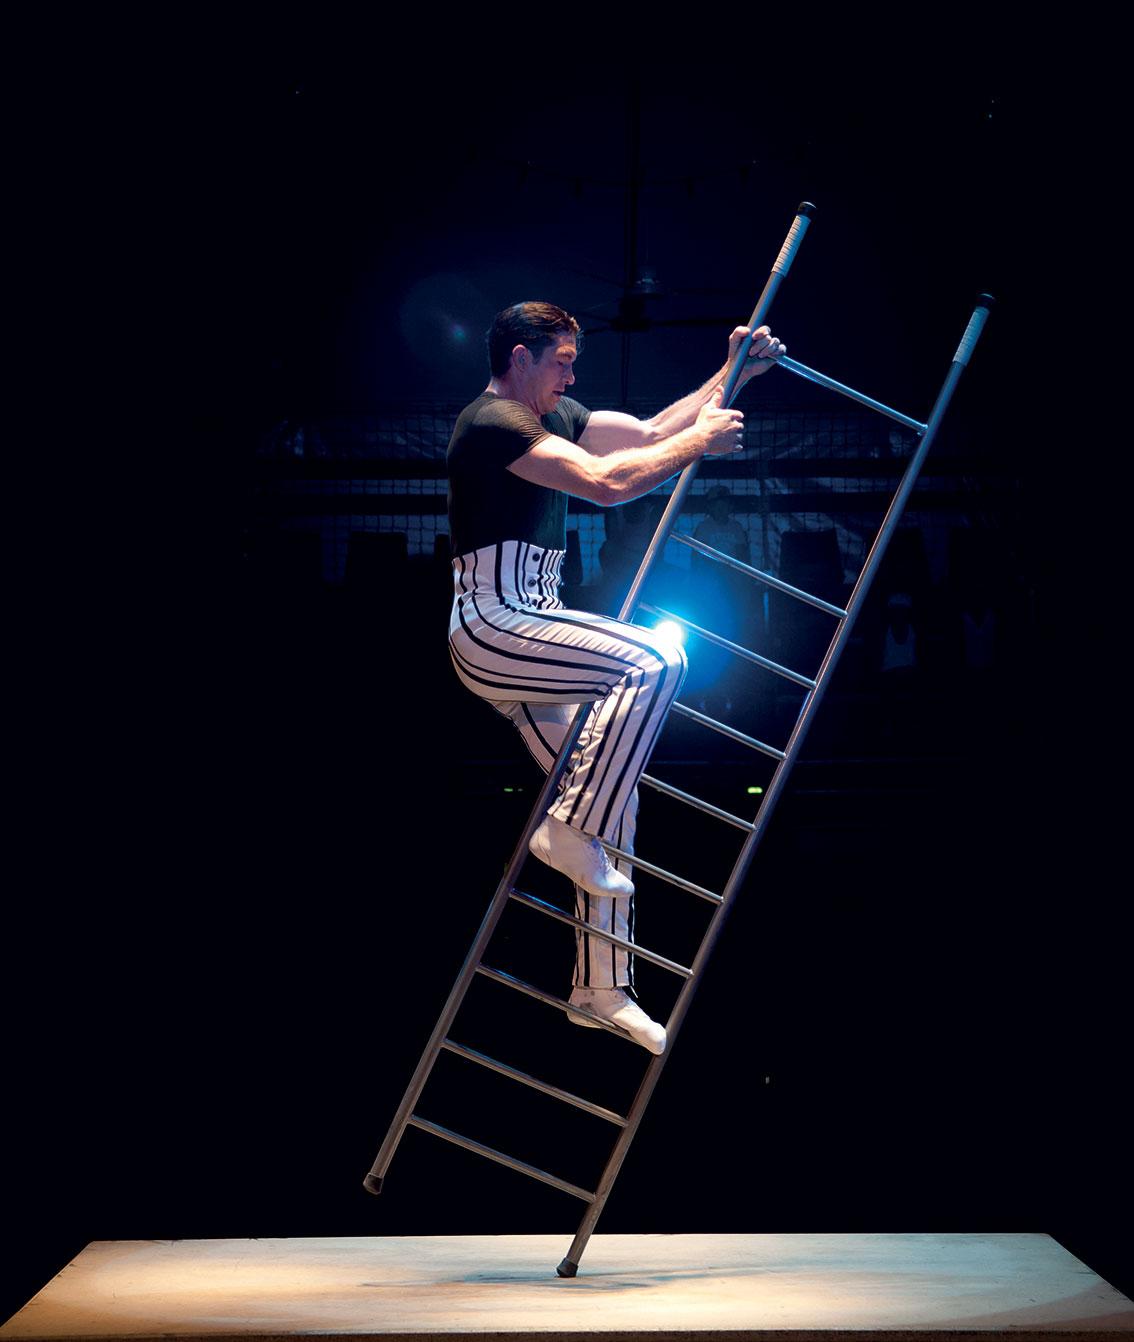 Quintessence, le spectacle d'Alexis Gruss et des Farfadais - Photo : Karim El Dib